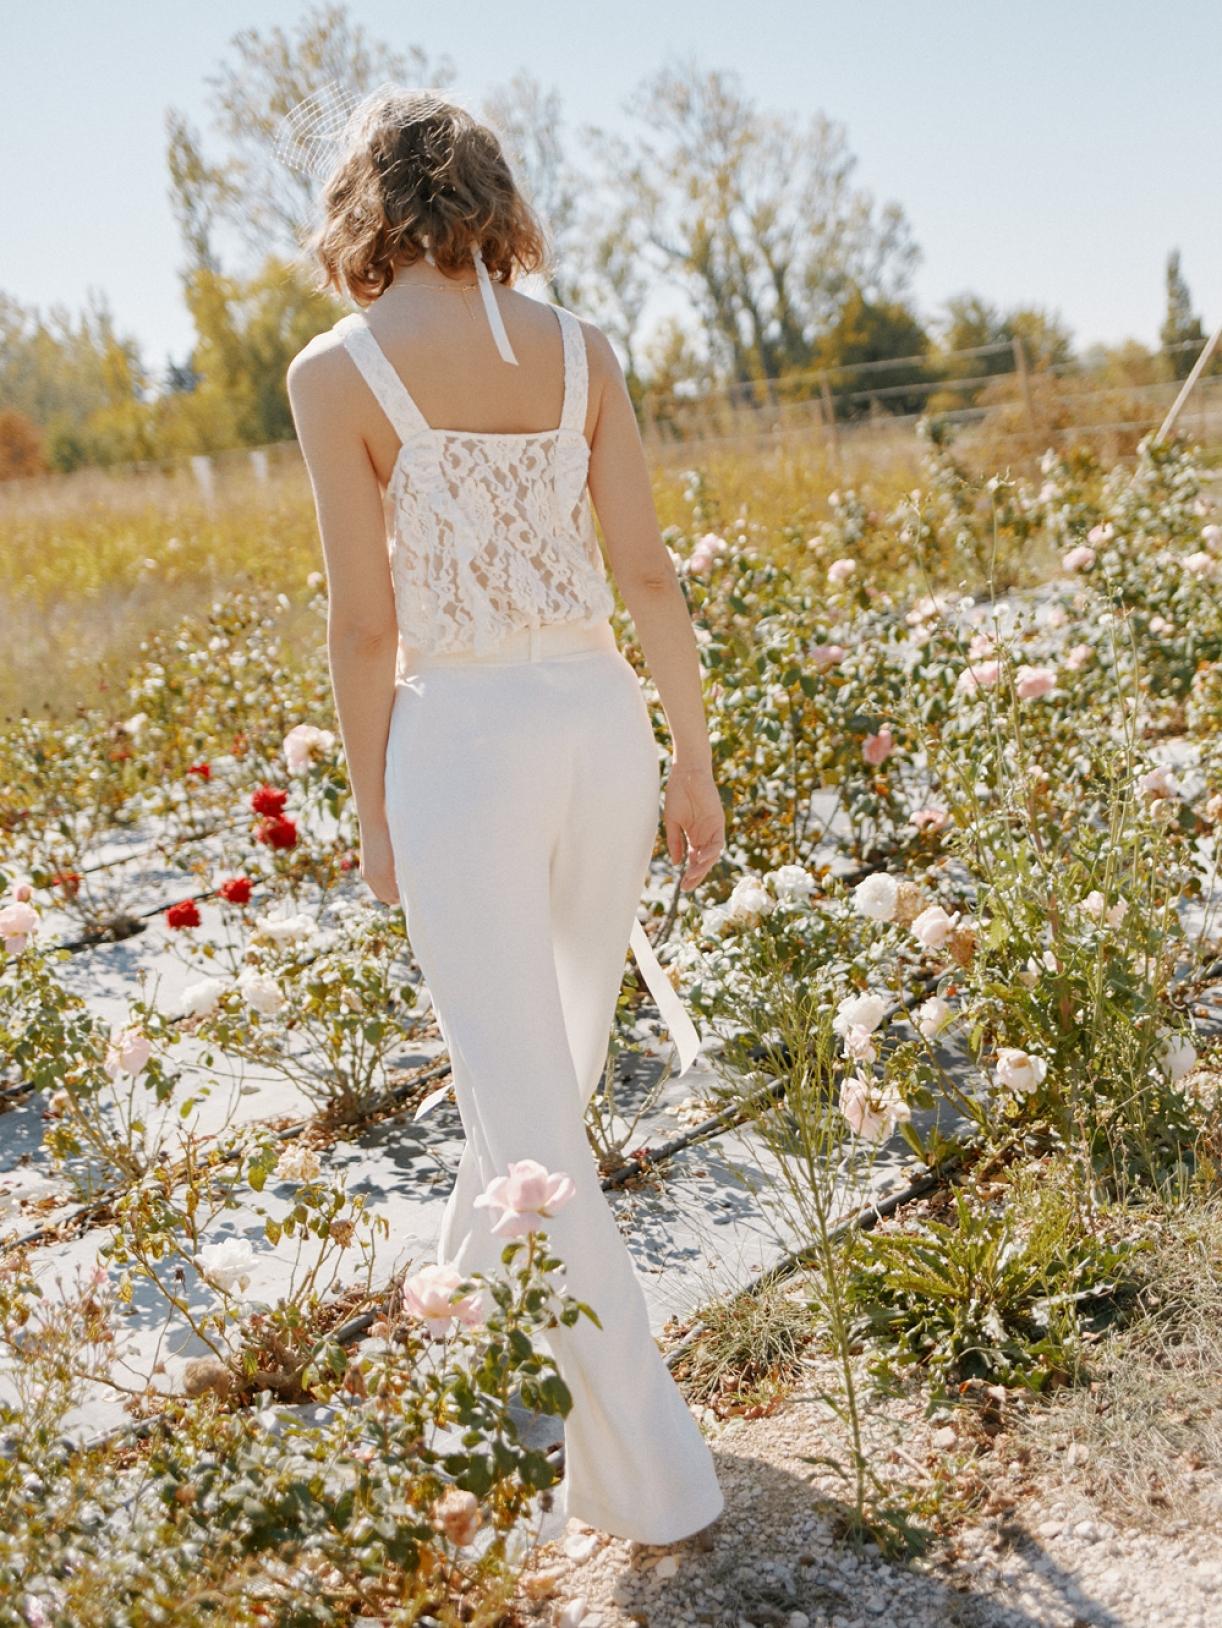 LYNE - Tailleur Pantalon de mariée créateur et sur-mesure pas cher a Paris - Myphilosophy